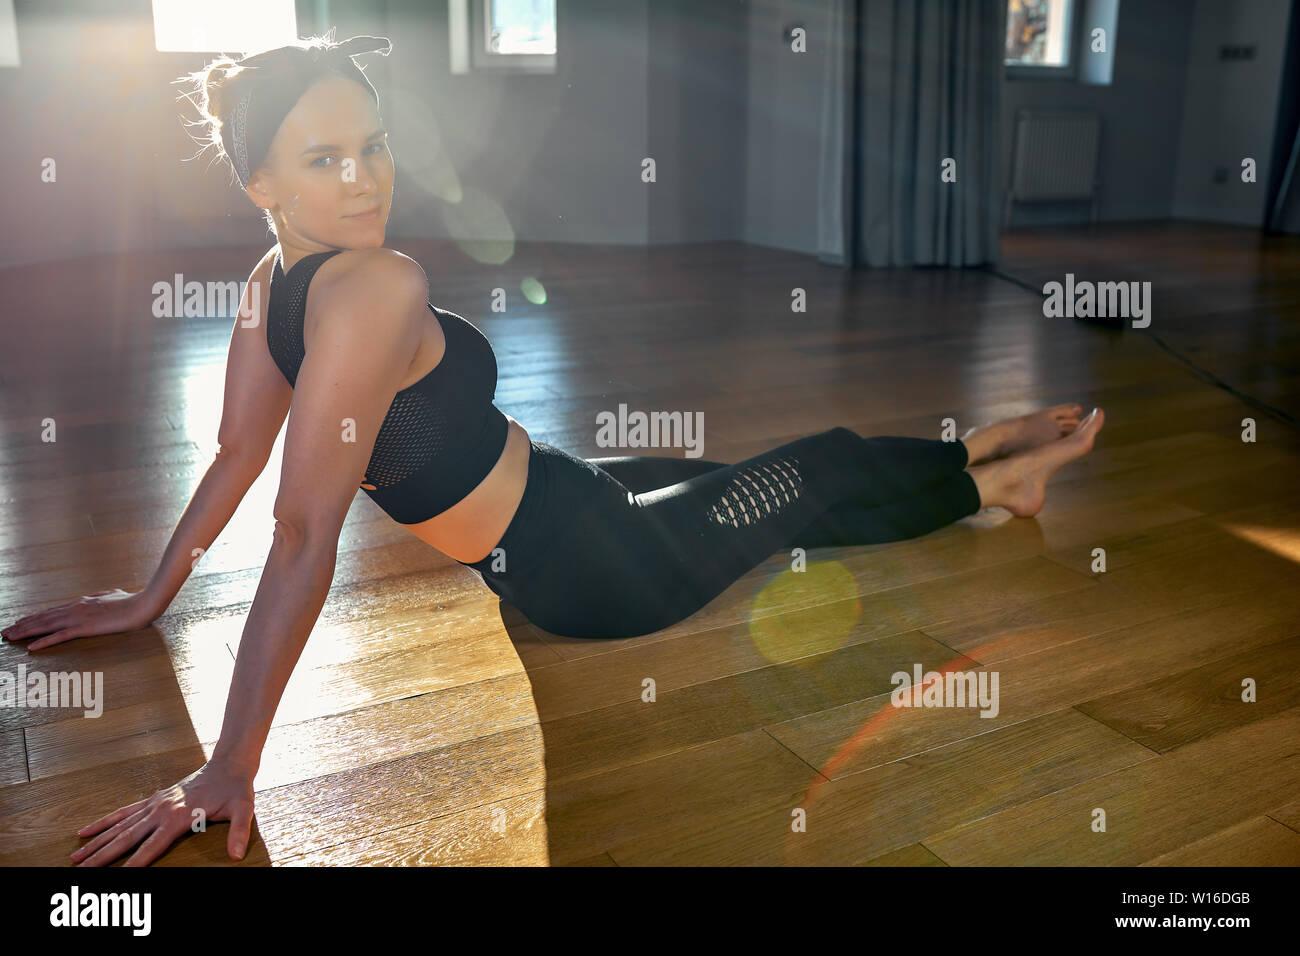 Matin girl doing yoga des exercices d'étirement dans la chambre pour le Pilates. Belle Lumière, de photos aériennes, d'un mode de vie sain, les hormones du corps et âme Banque D'Images